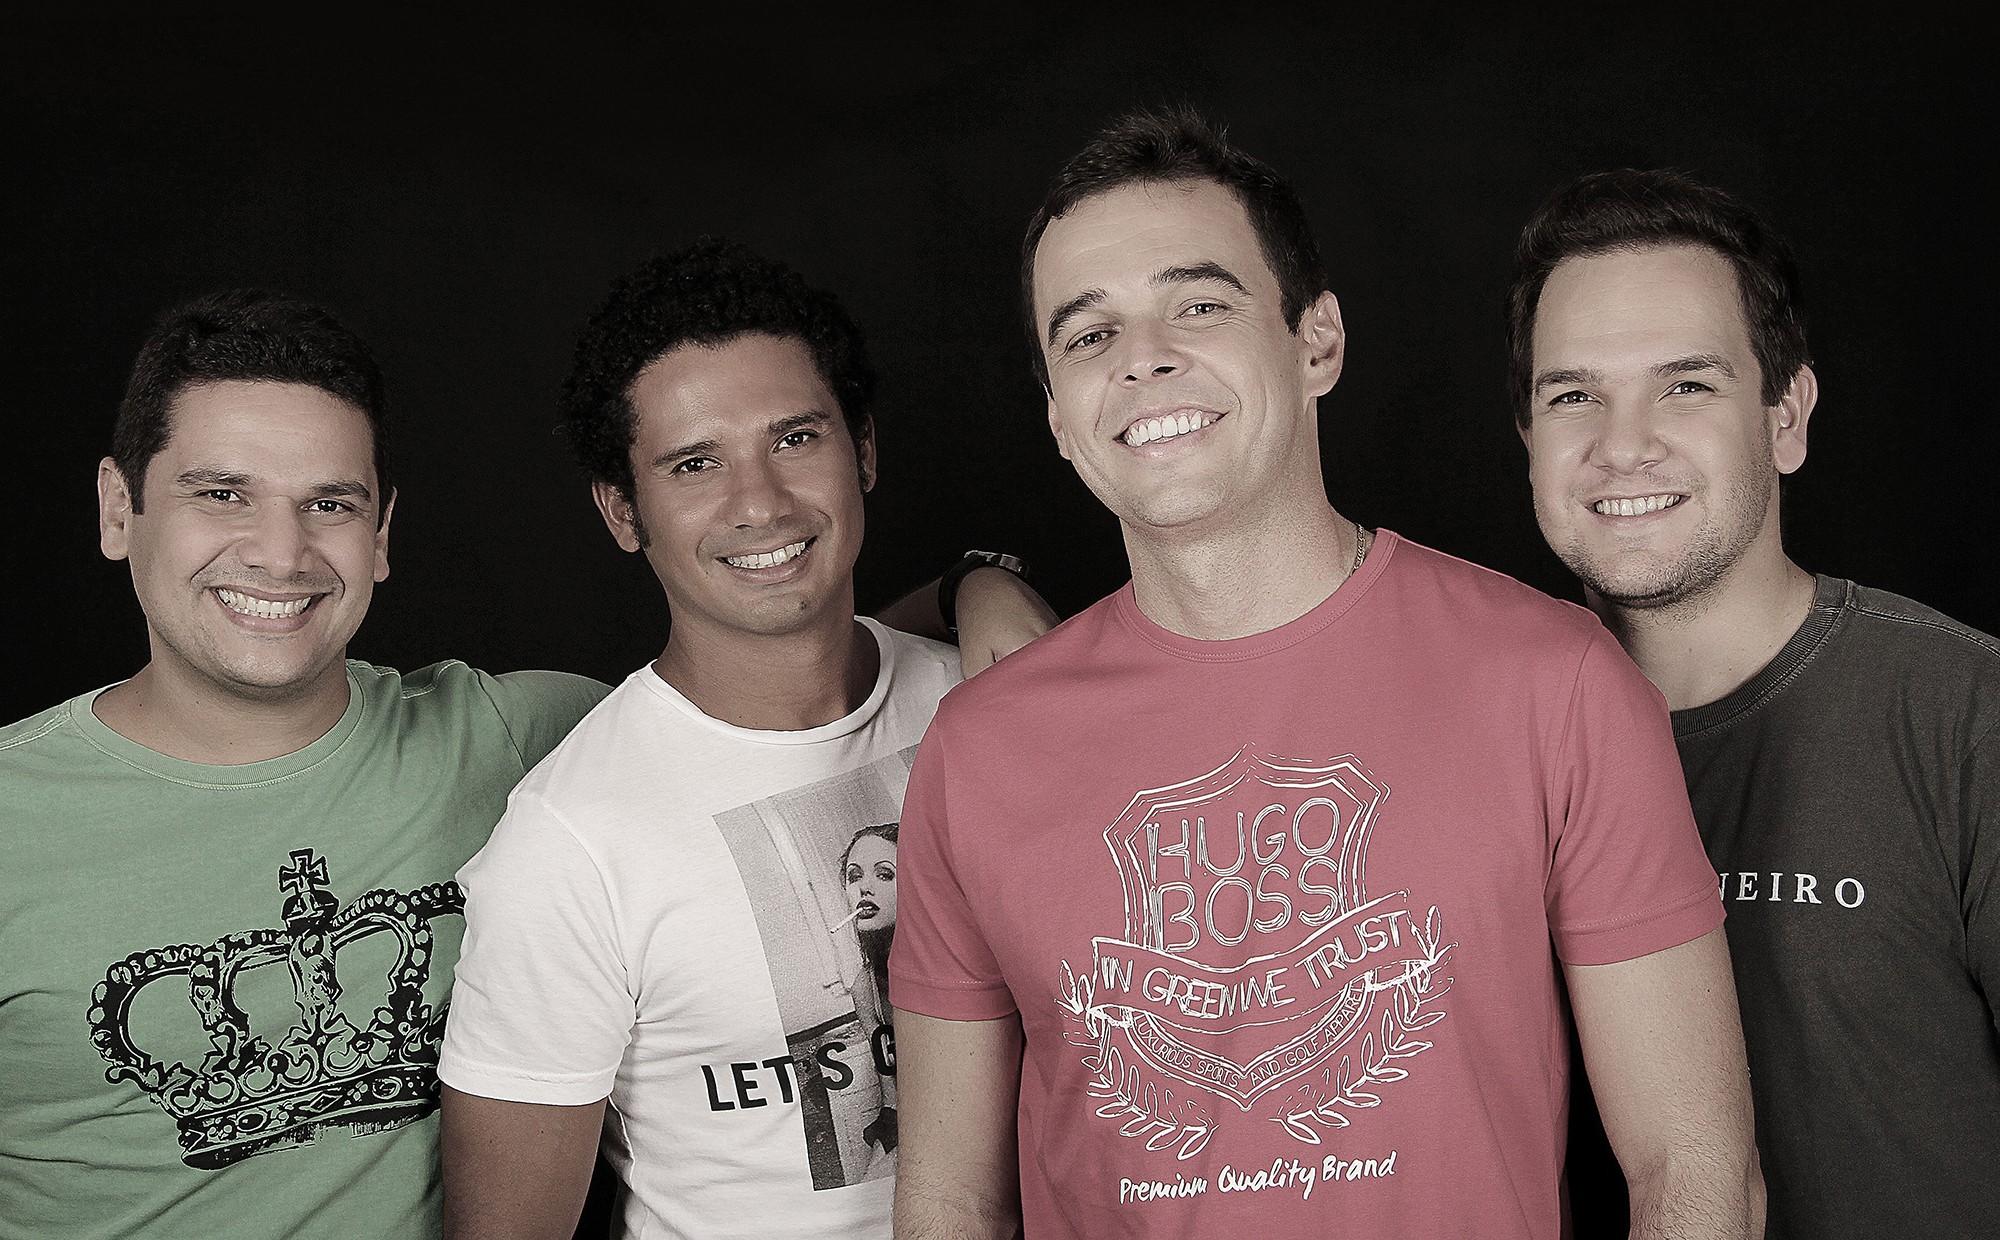 Grupo Quarteto Linha faz show em Ponta Negra neste sábado (29)